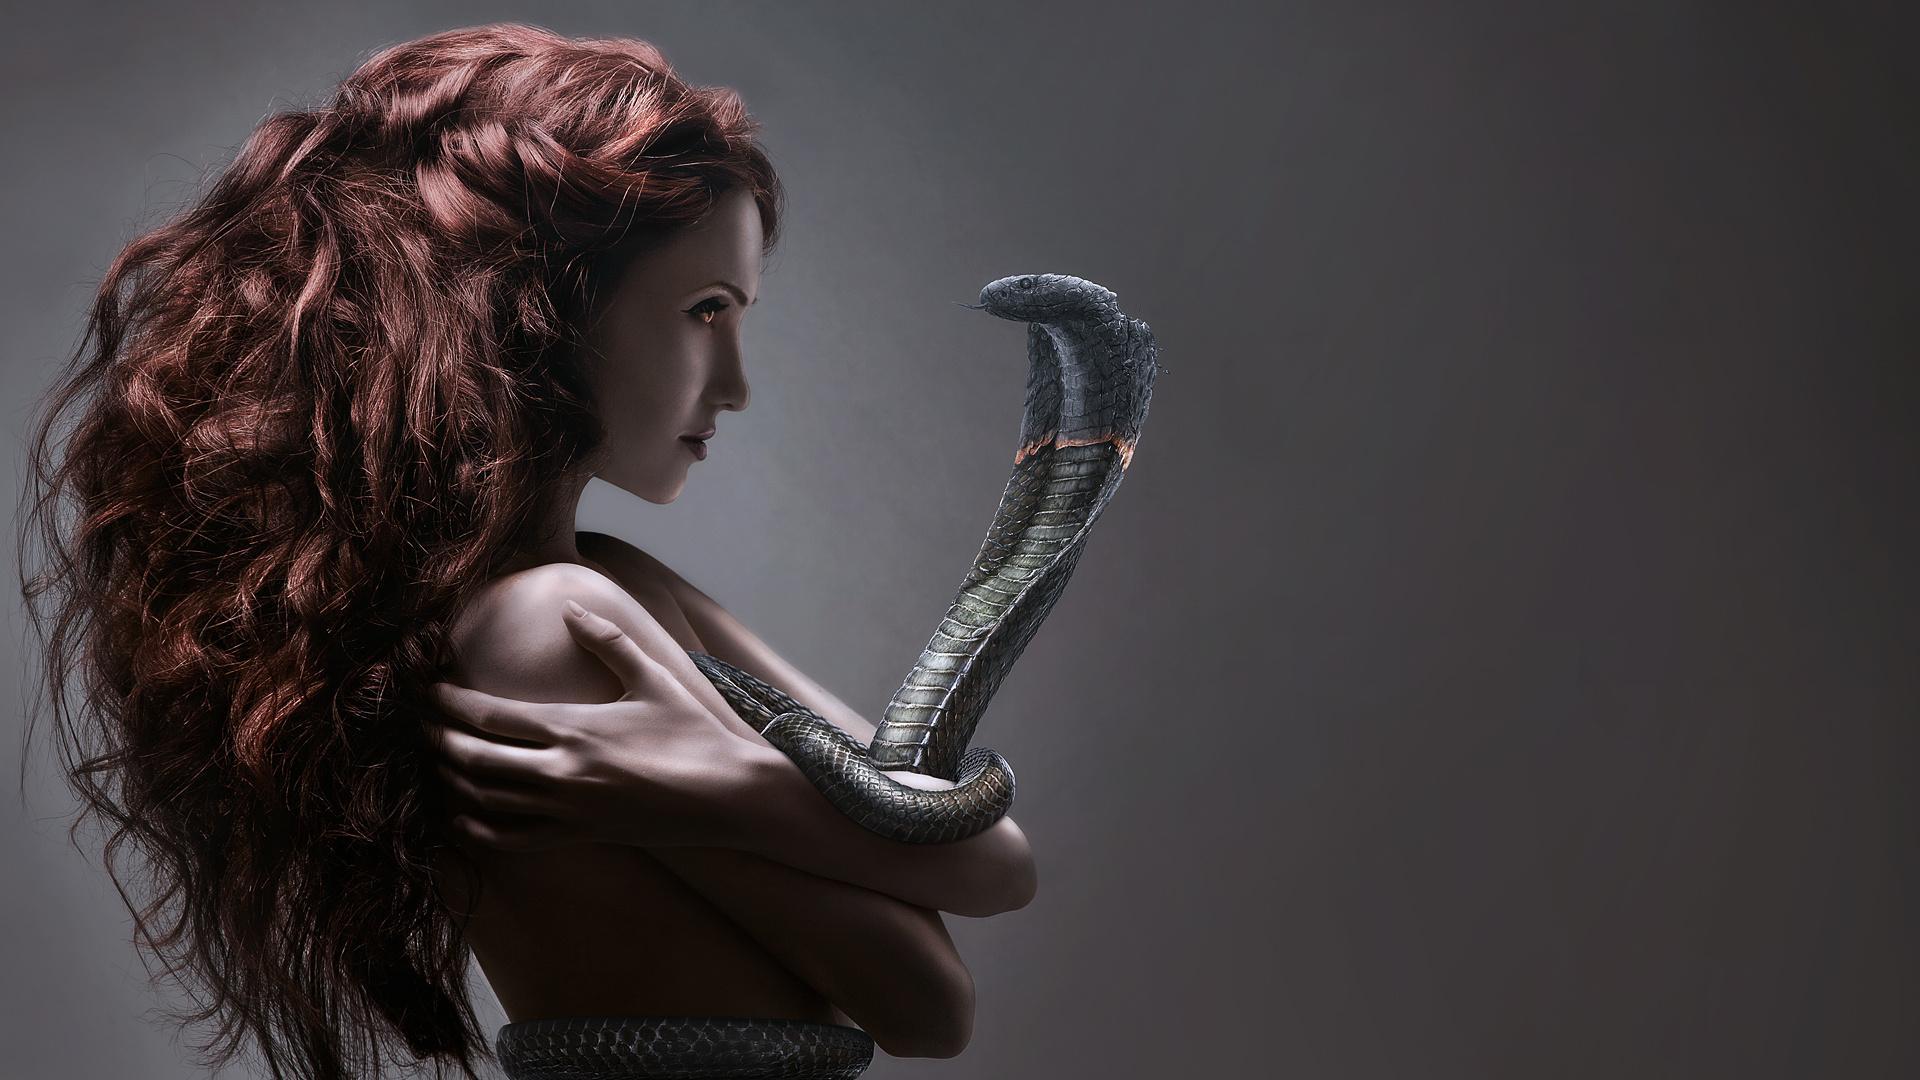 Картинки змеи с девушкой